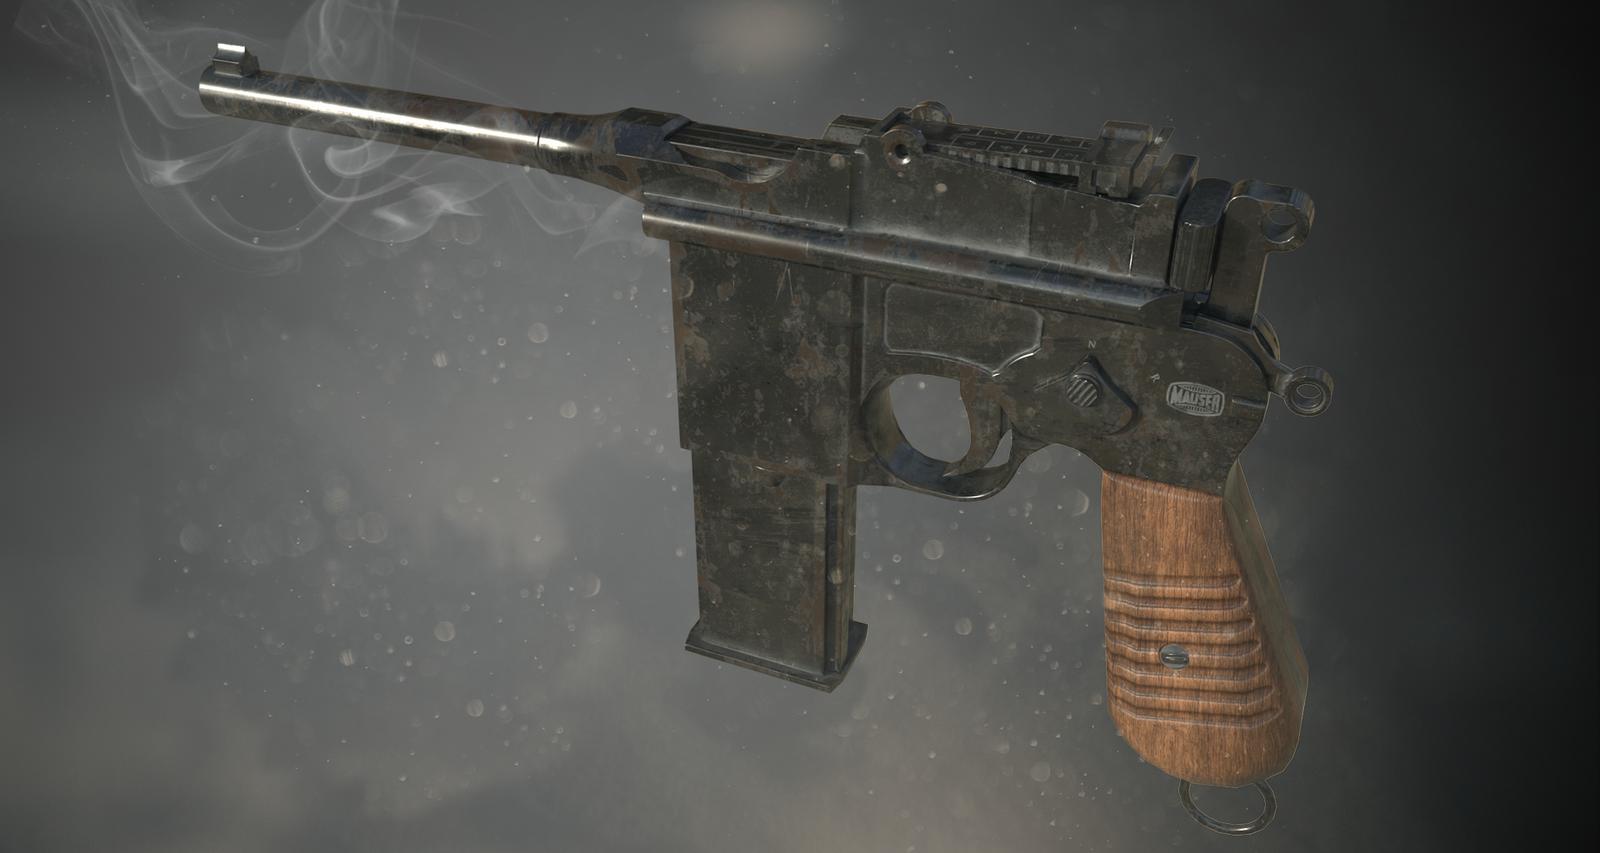 Mauser M712 schnellfeuer by newdeal666